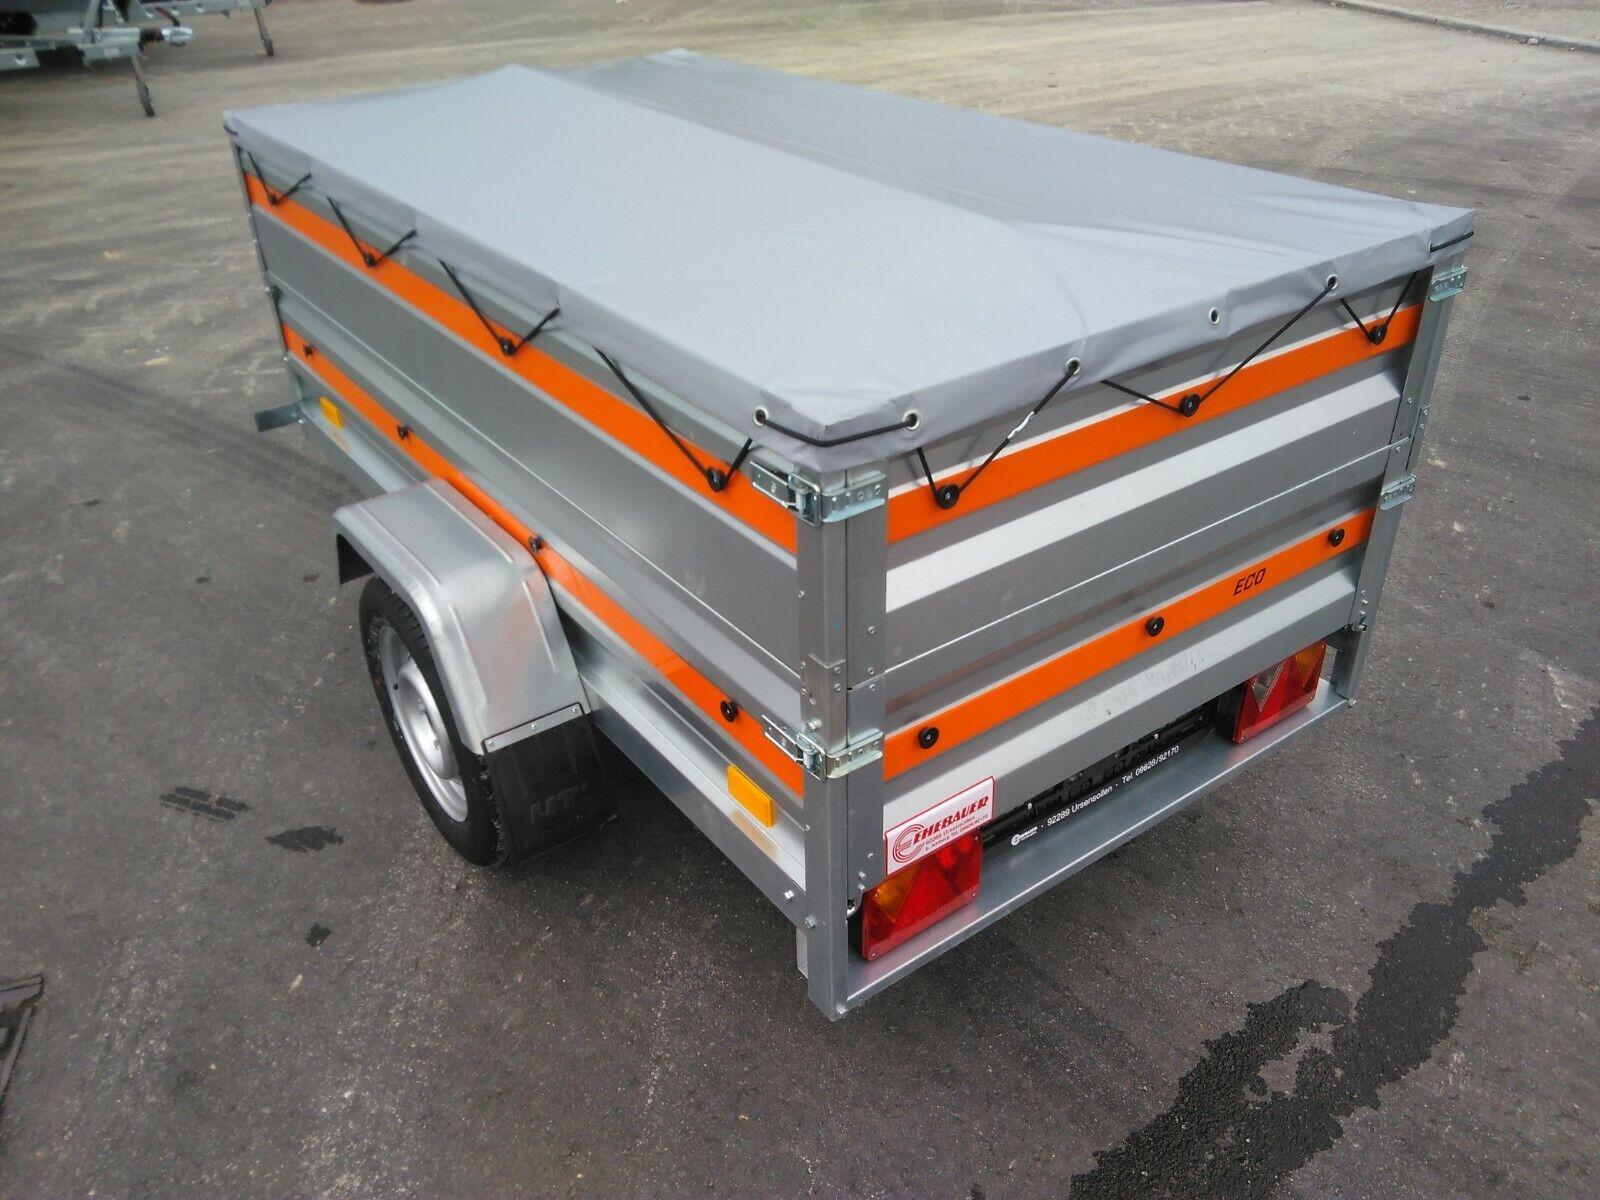 >>> AKTION Pkw- Anhänger 750 kg, 200x106x32cm + Aufsatz 32 cm + Plane + Stützrad